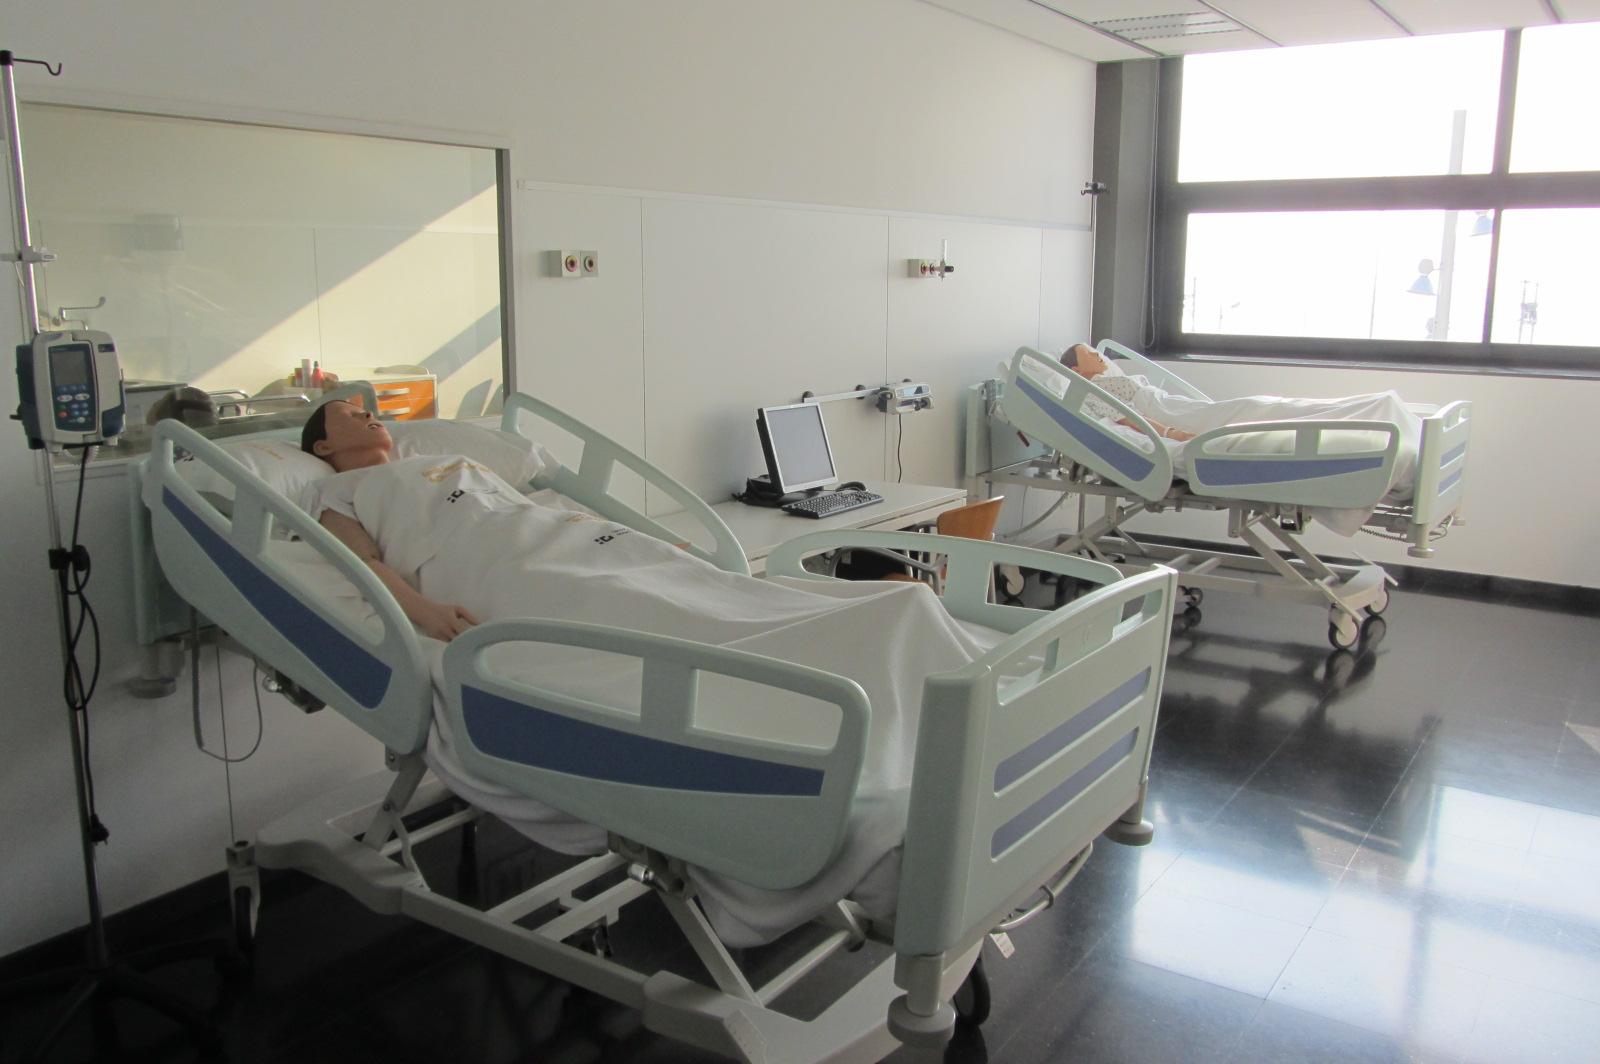 Laboratorios de enfermería